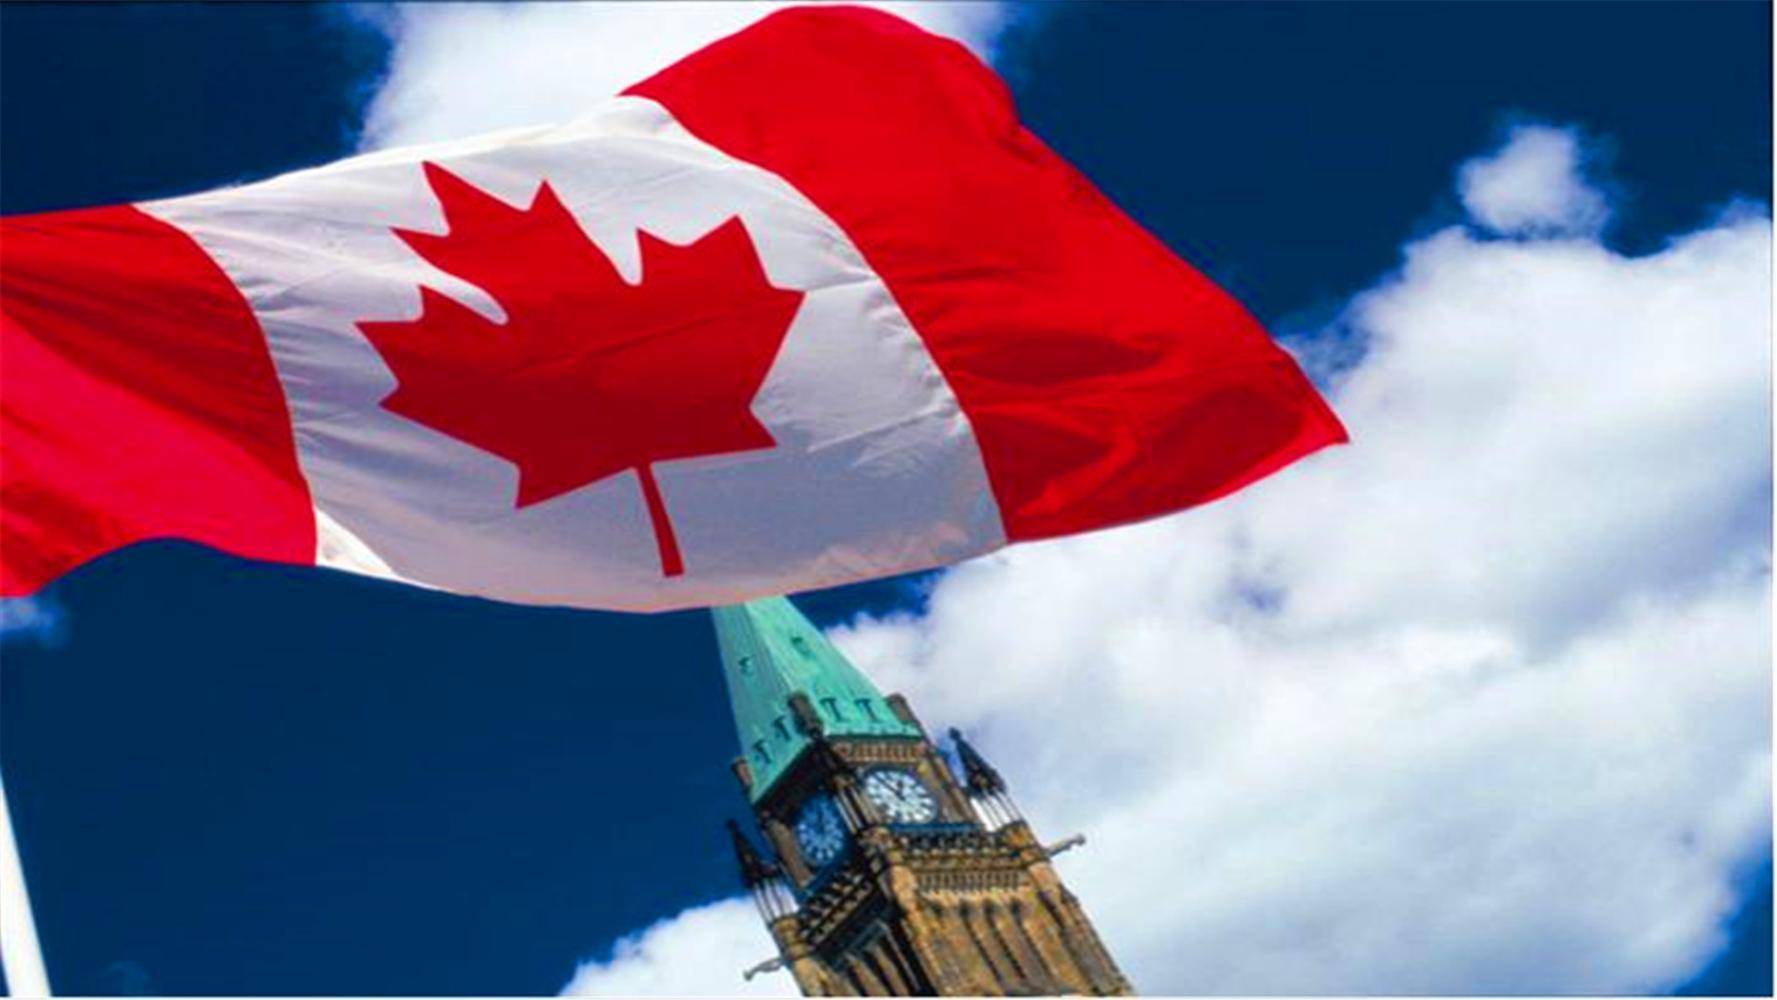 中加最新消息!加拿大公民在中国受审、8国10名外交官在法庭外声援 特鲁多谴责中国法庭缺乏透明度